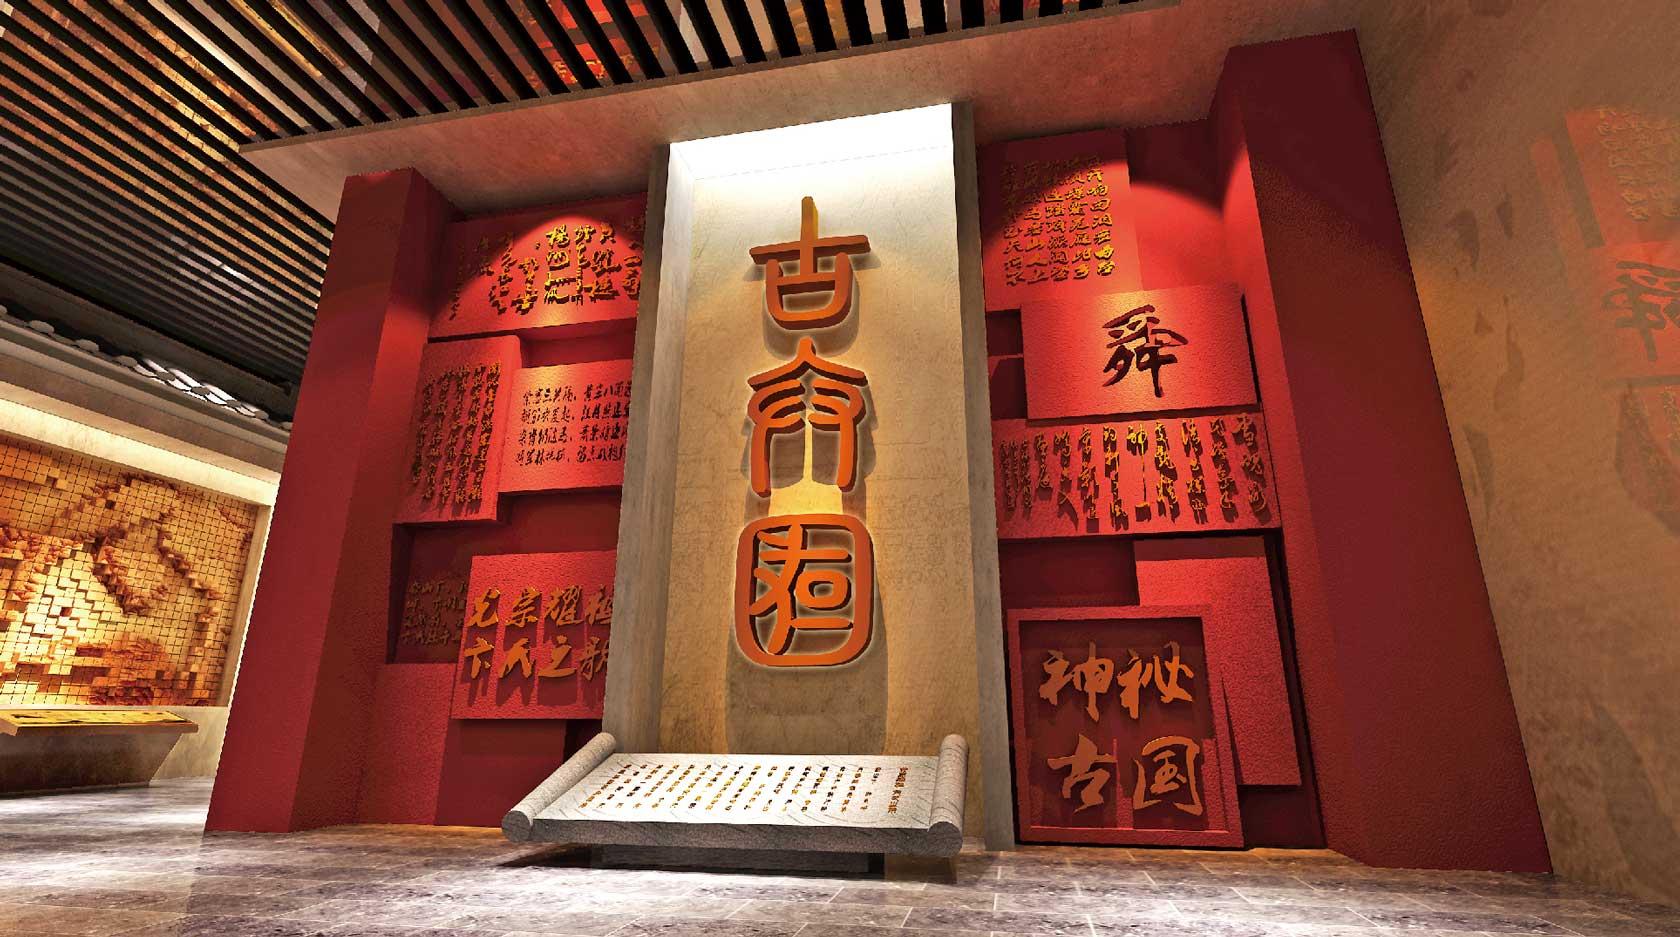 展厅展馆设计如何进行创新,创意展馆设计思路